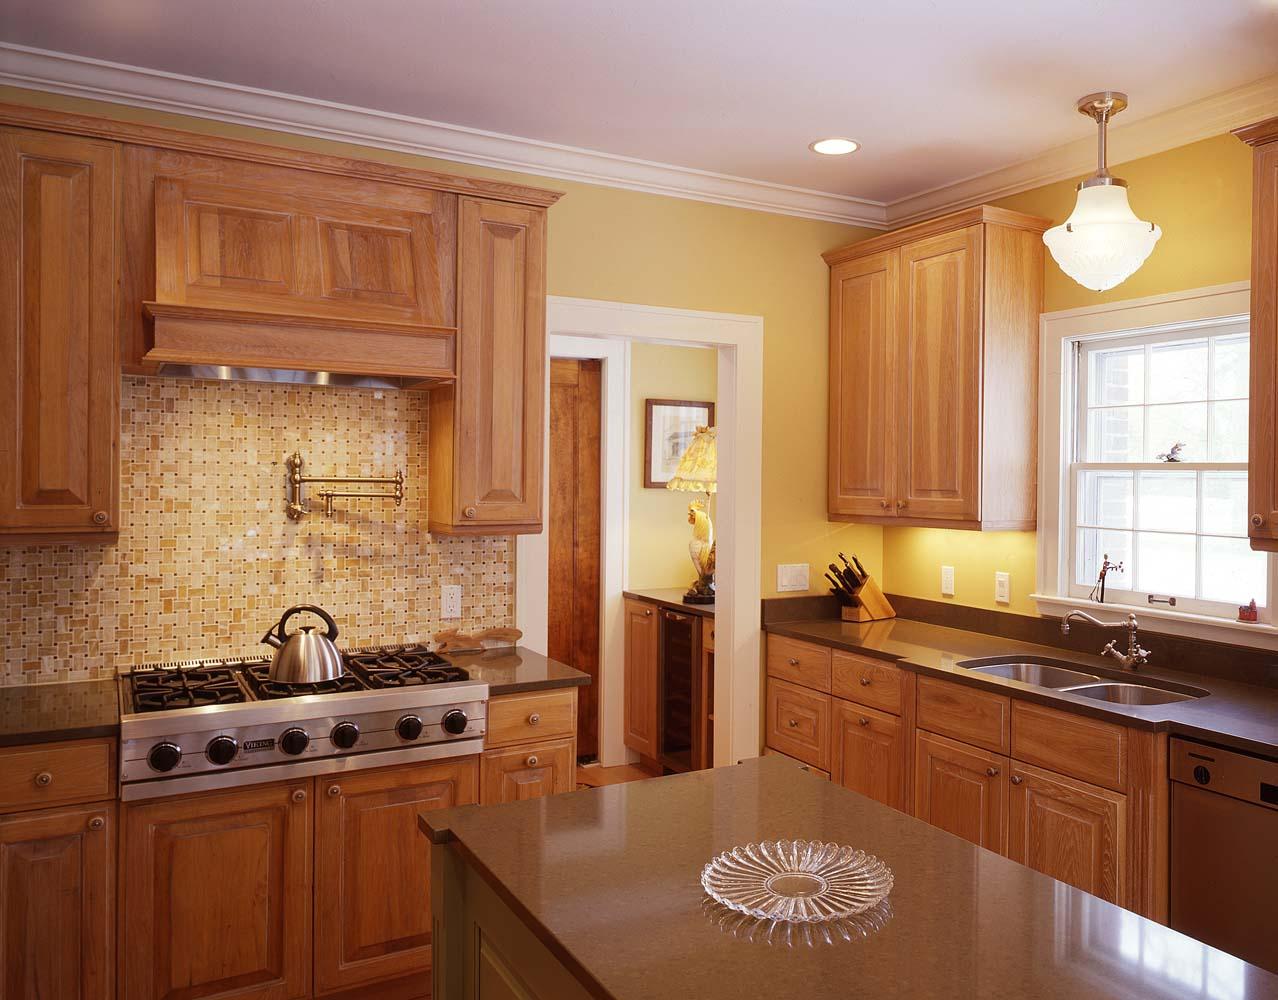 4x5's of CBS kitchen - 3.jpg